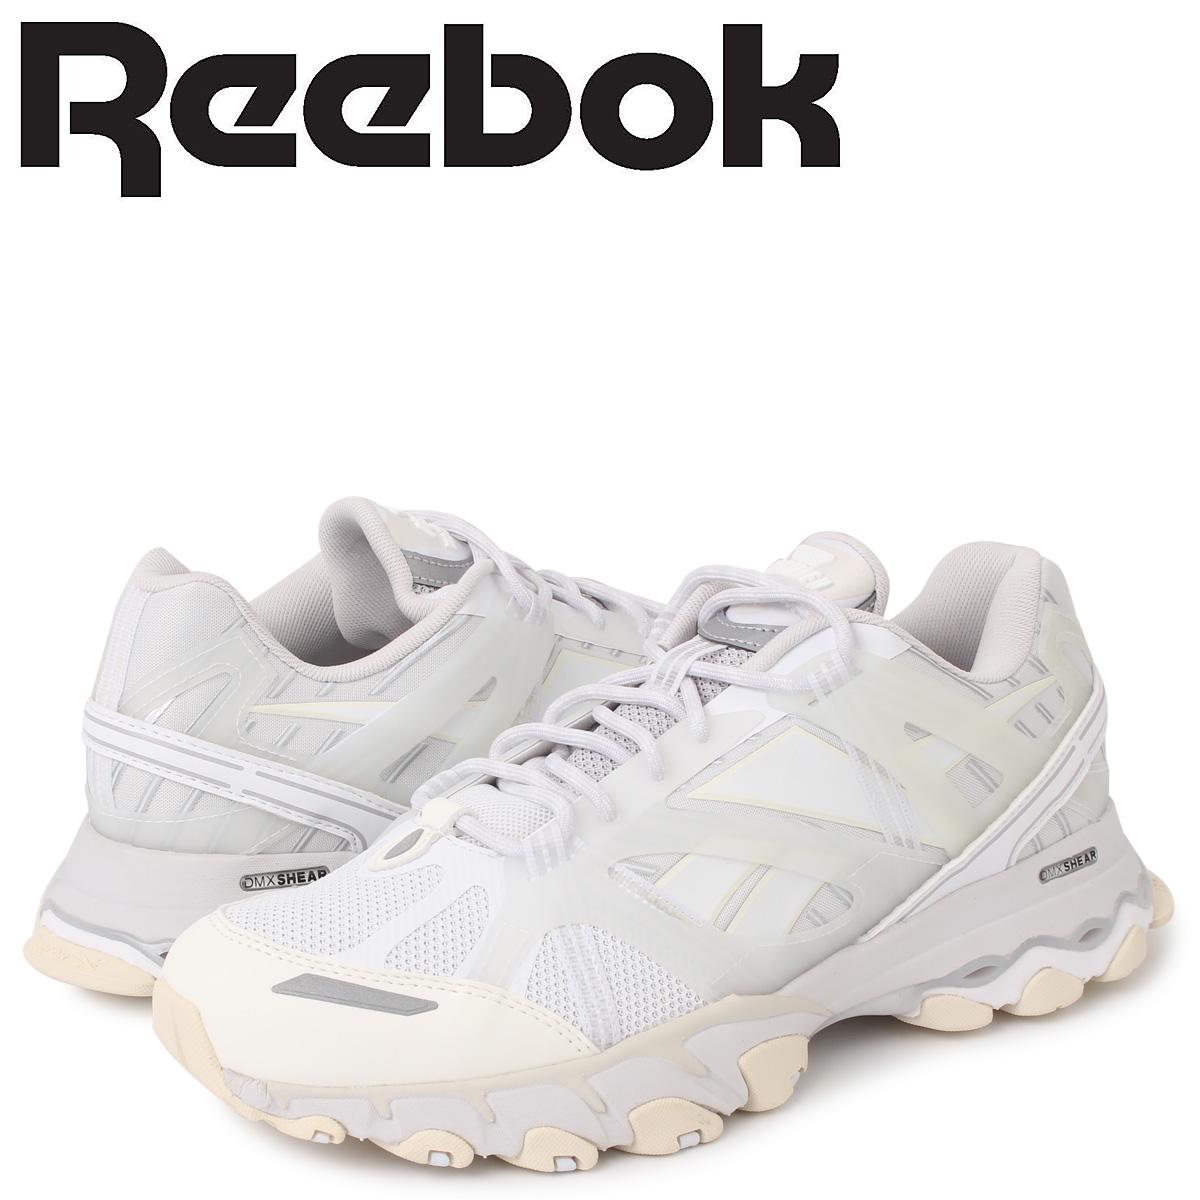 リーボック Reebok DMX TRAIL SHADOW スニーカー メンズ ディーエムエックストレイシャドウ ホワイト 白 EF8810